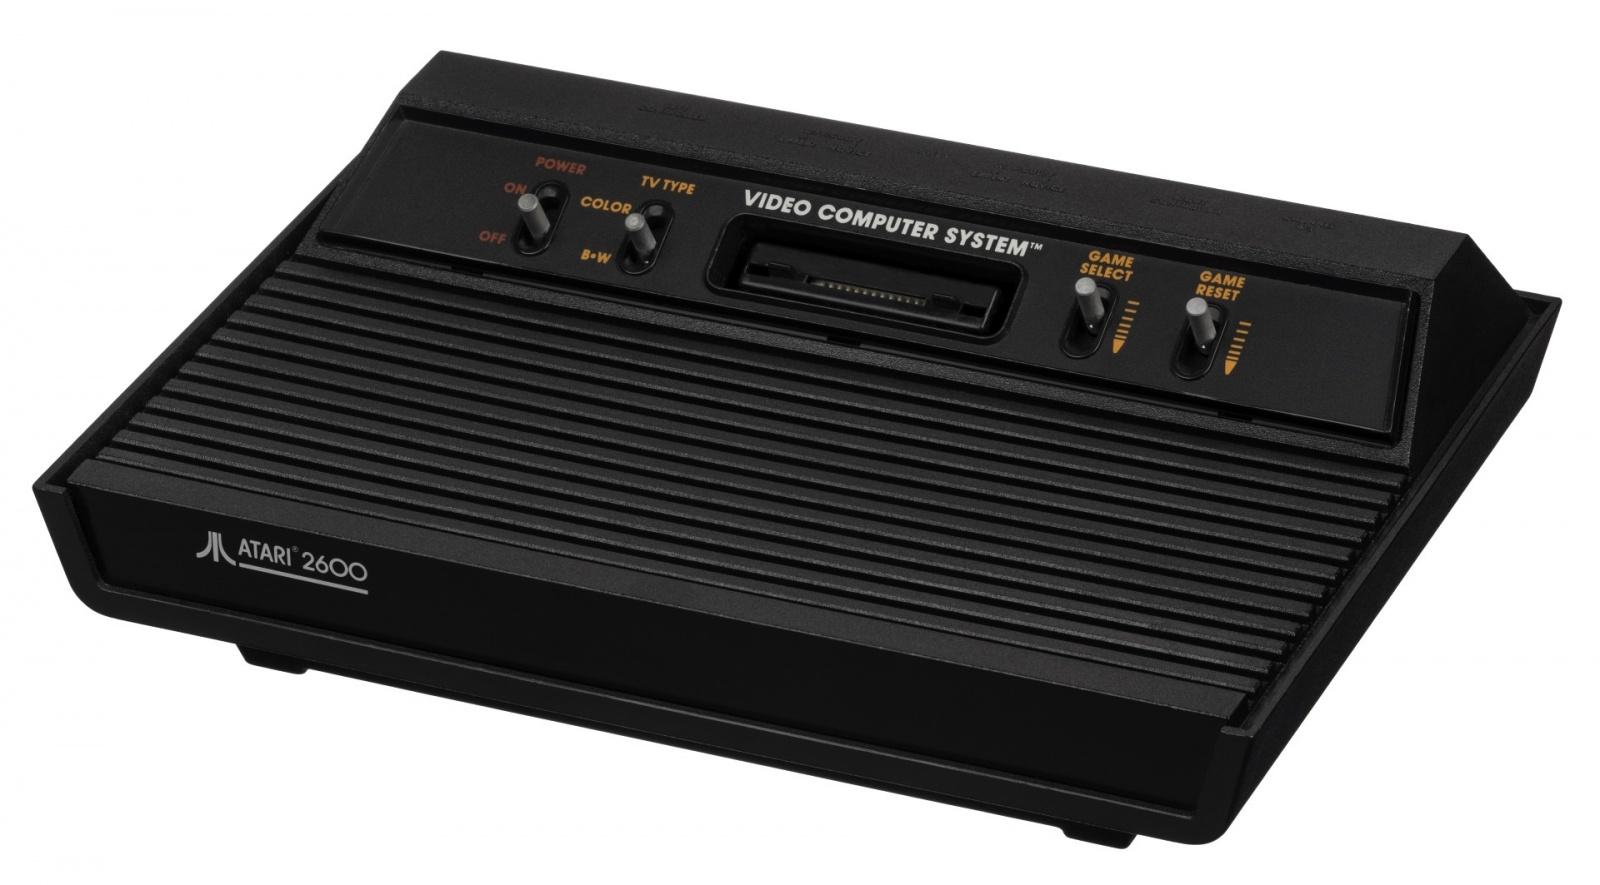 Rambo TV Games (Atari 2600) [статья с кучей фото и капелькой видео] - 15